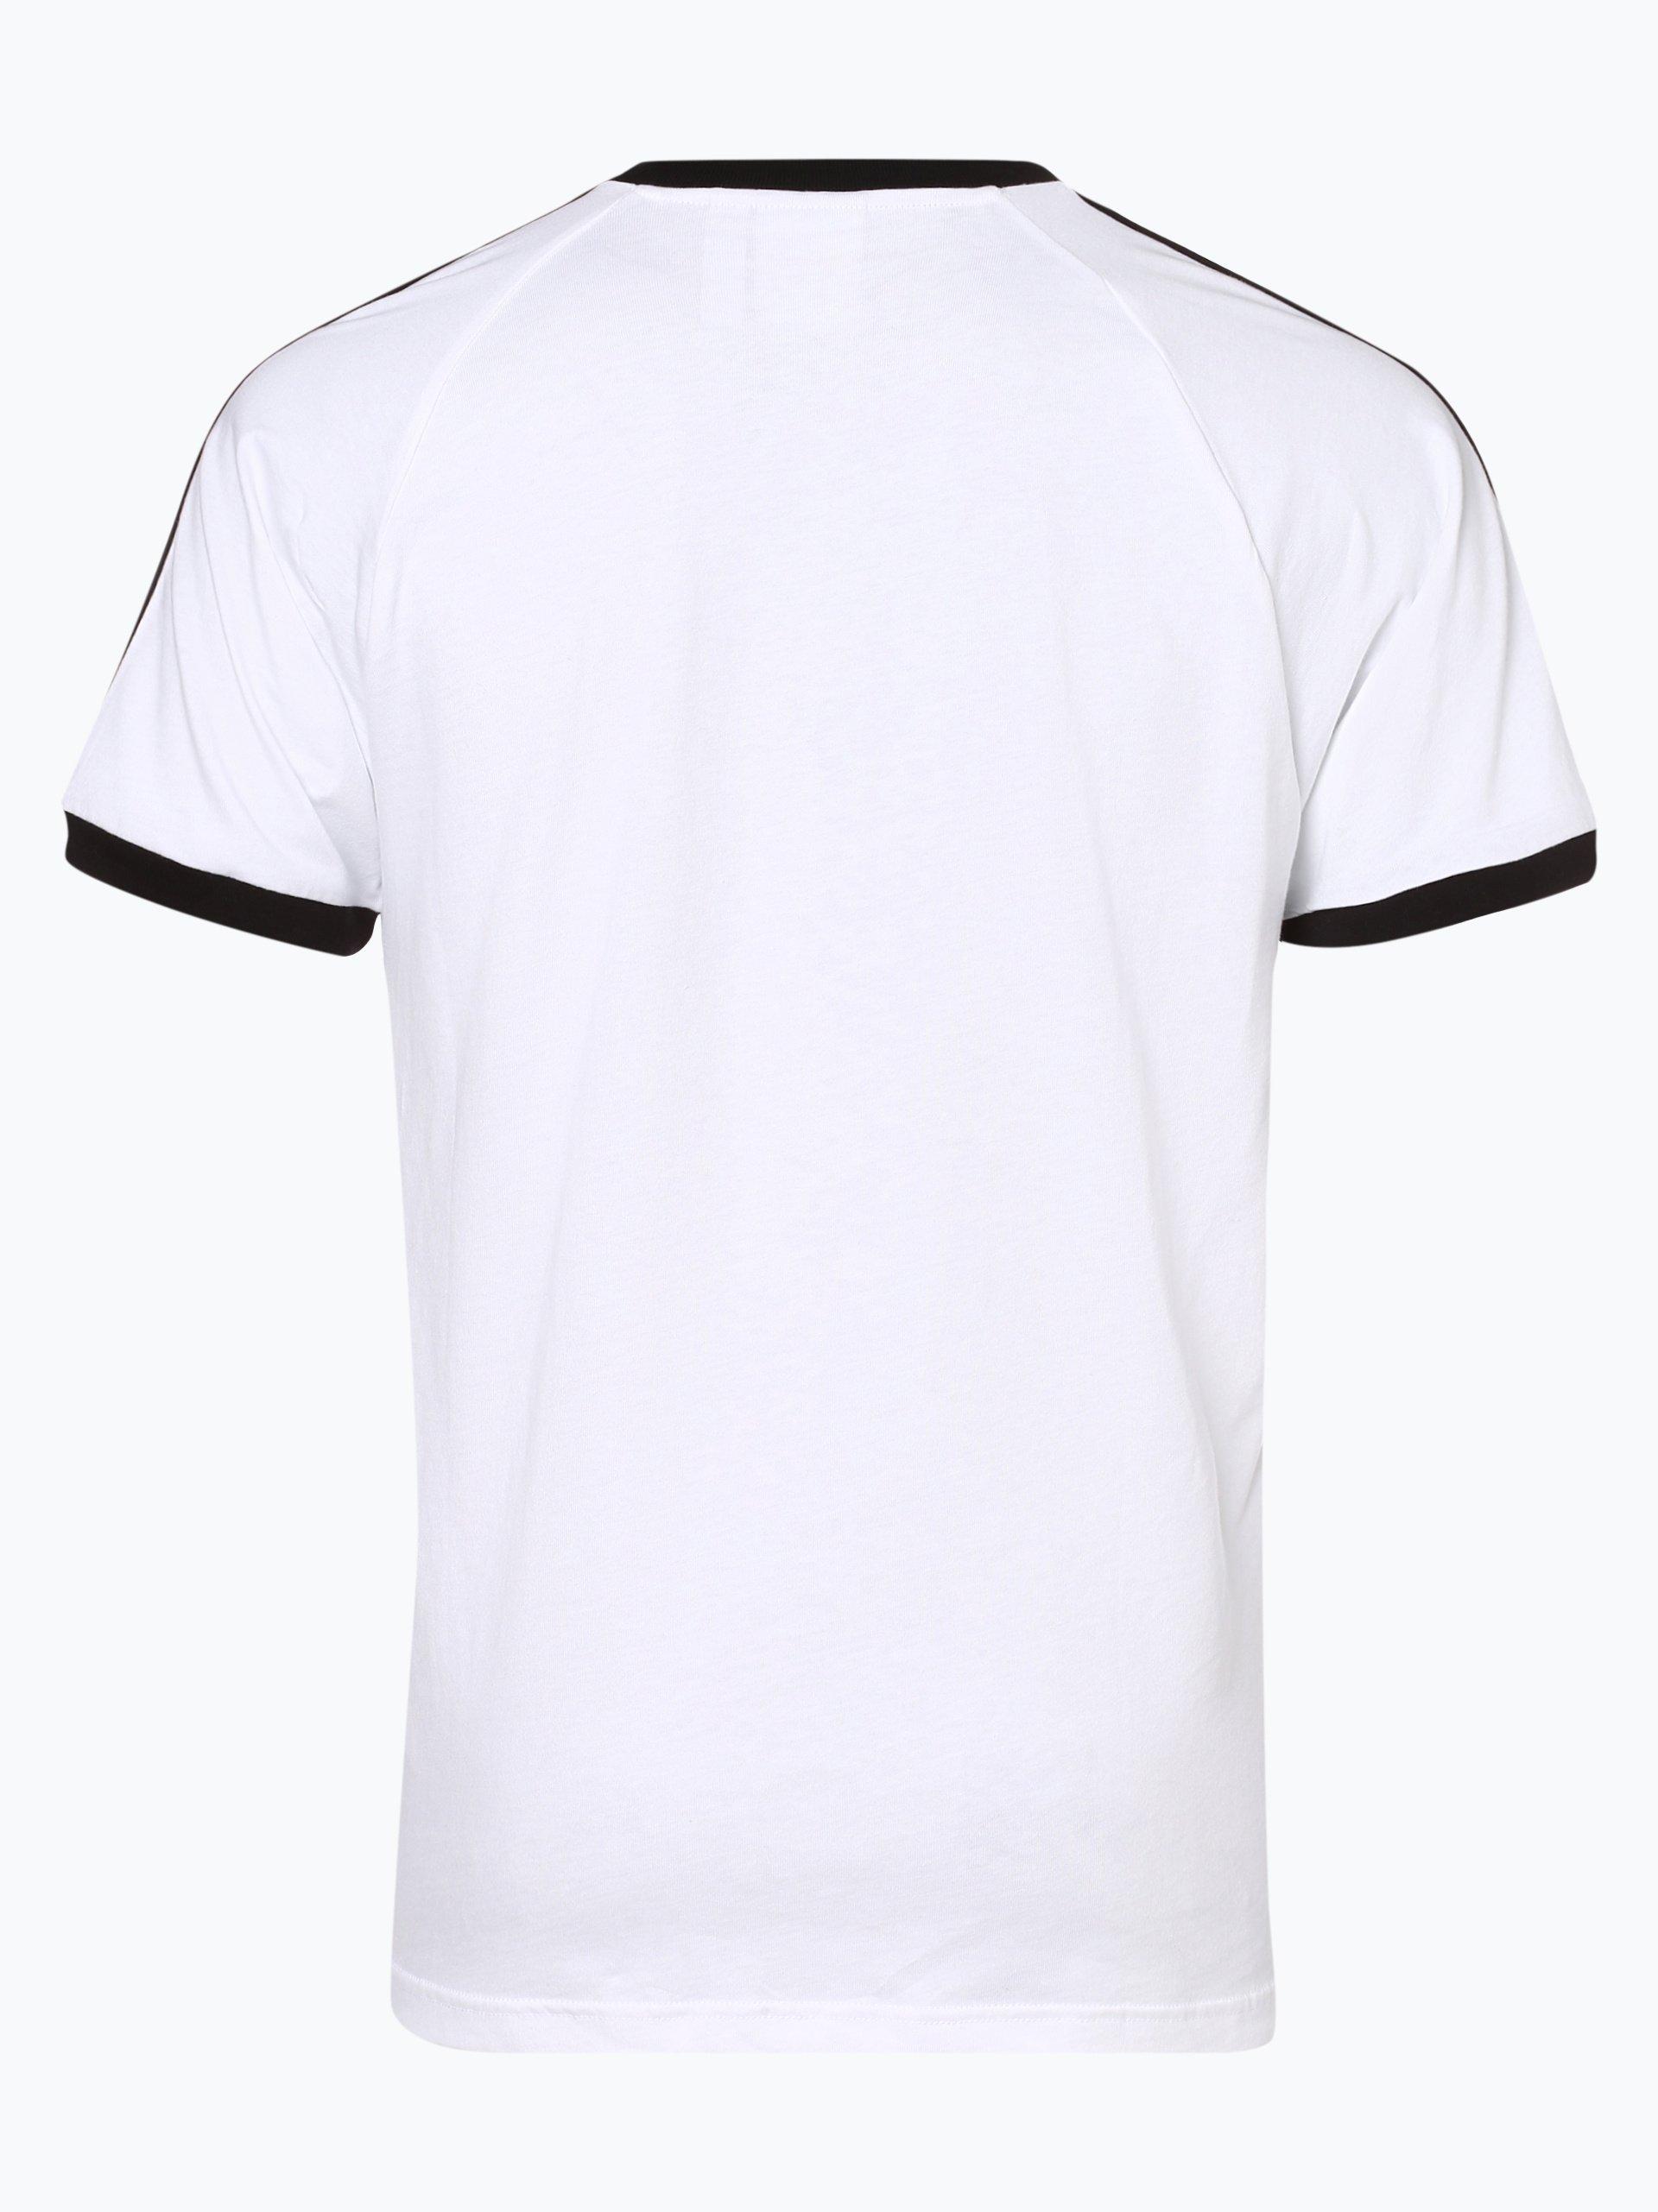 adidas Originals Herren T-Shirt